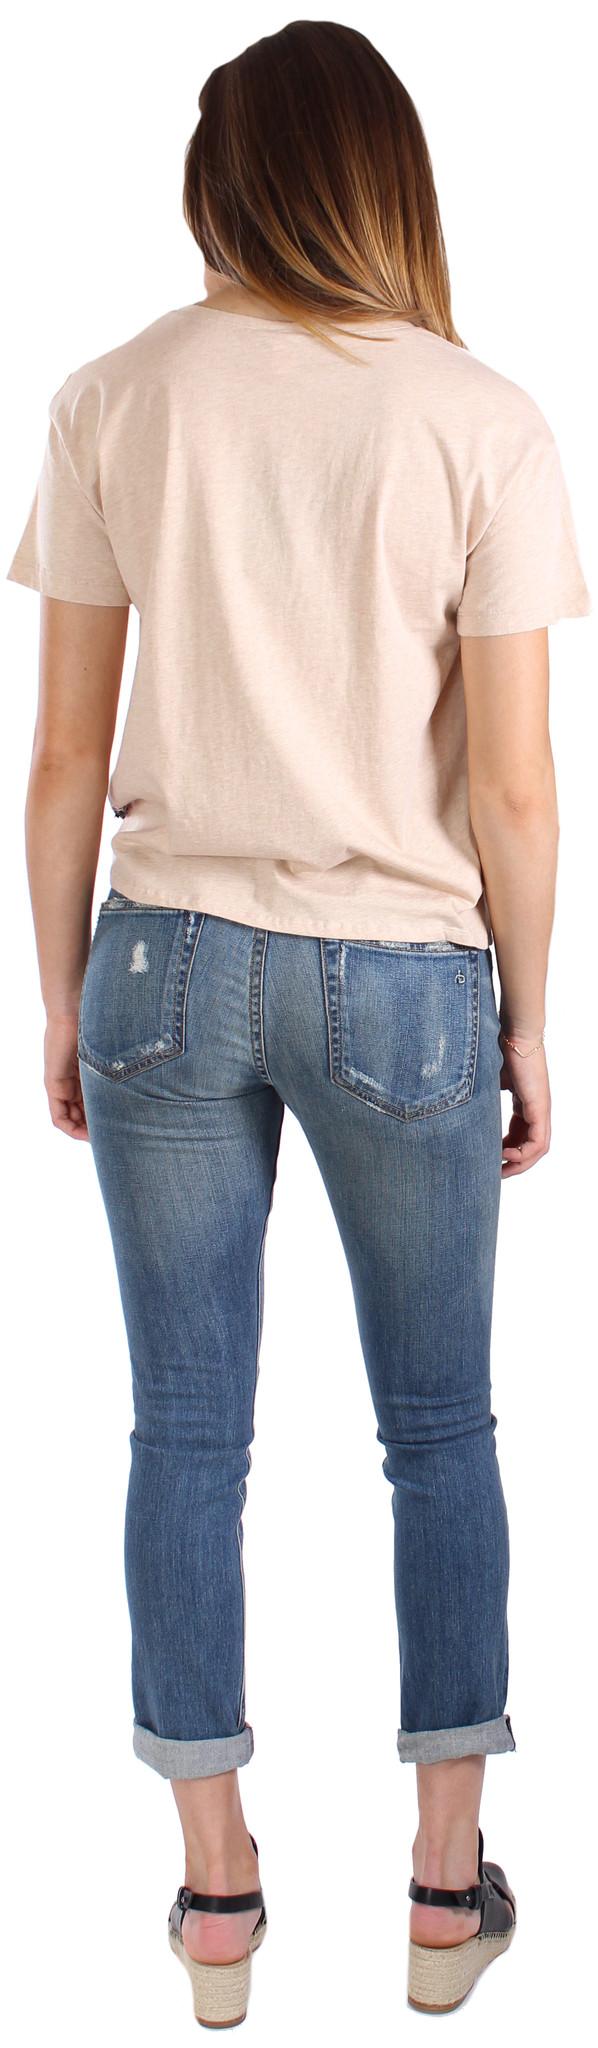 Hoss Intropia Shells T-shirt